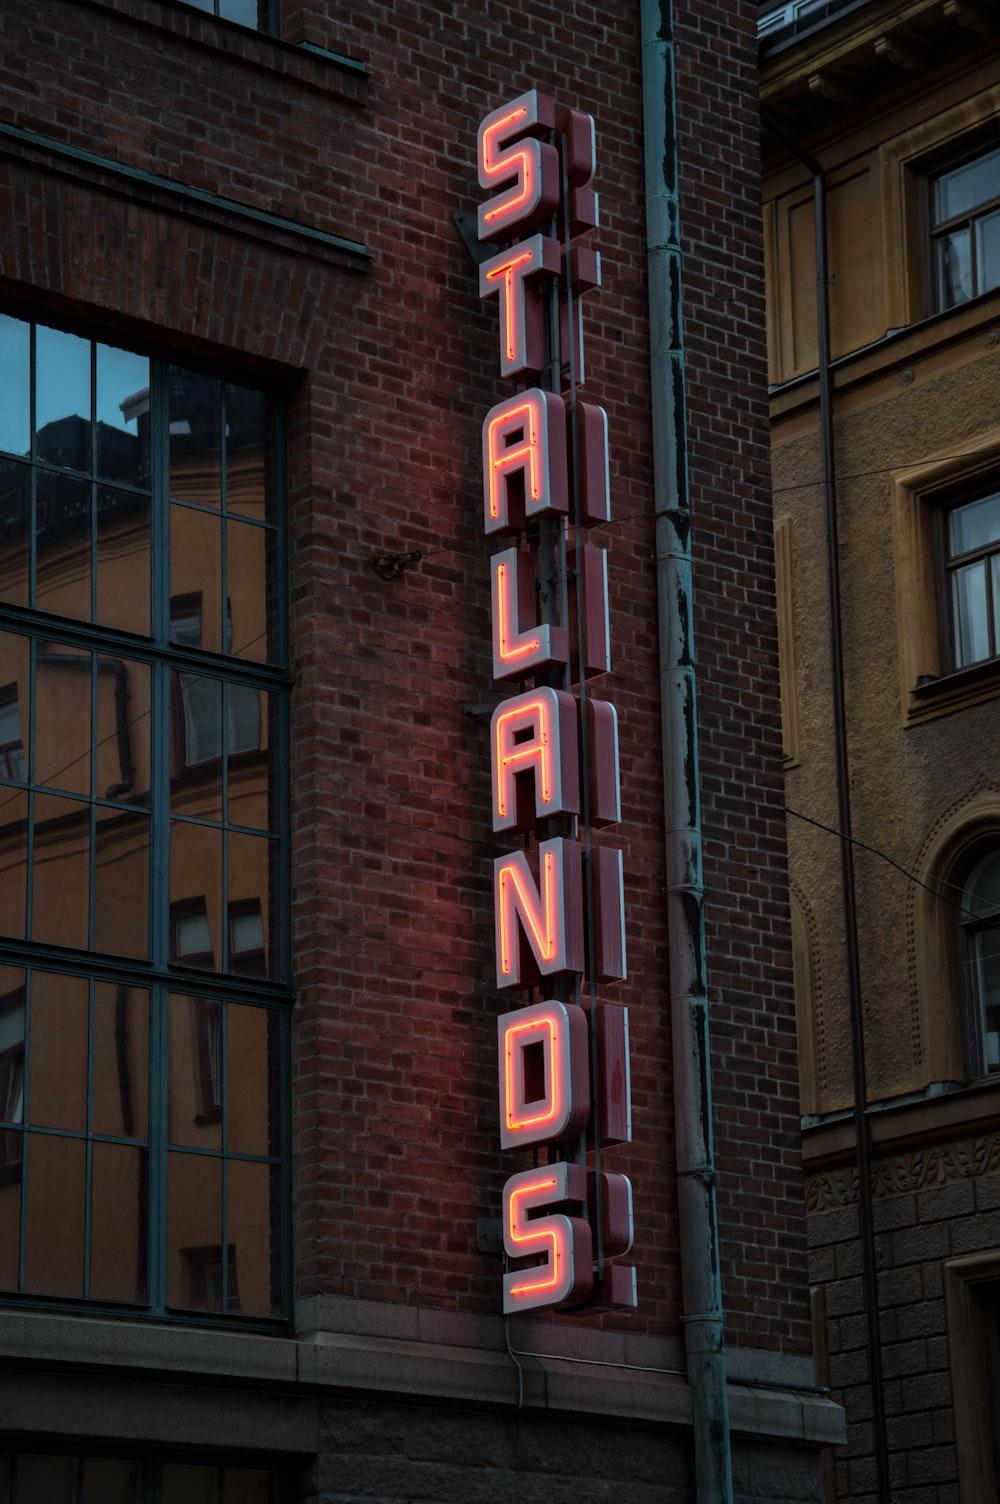 Stalands LED signage